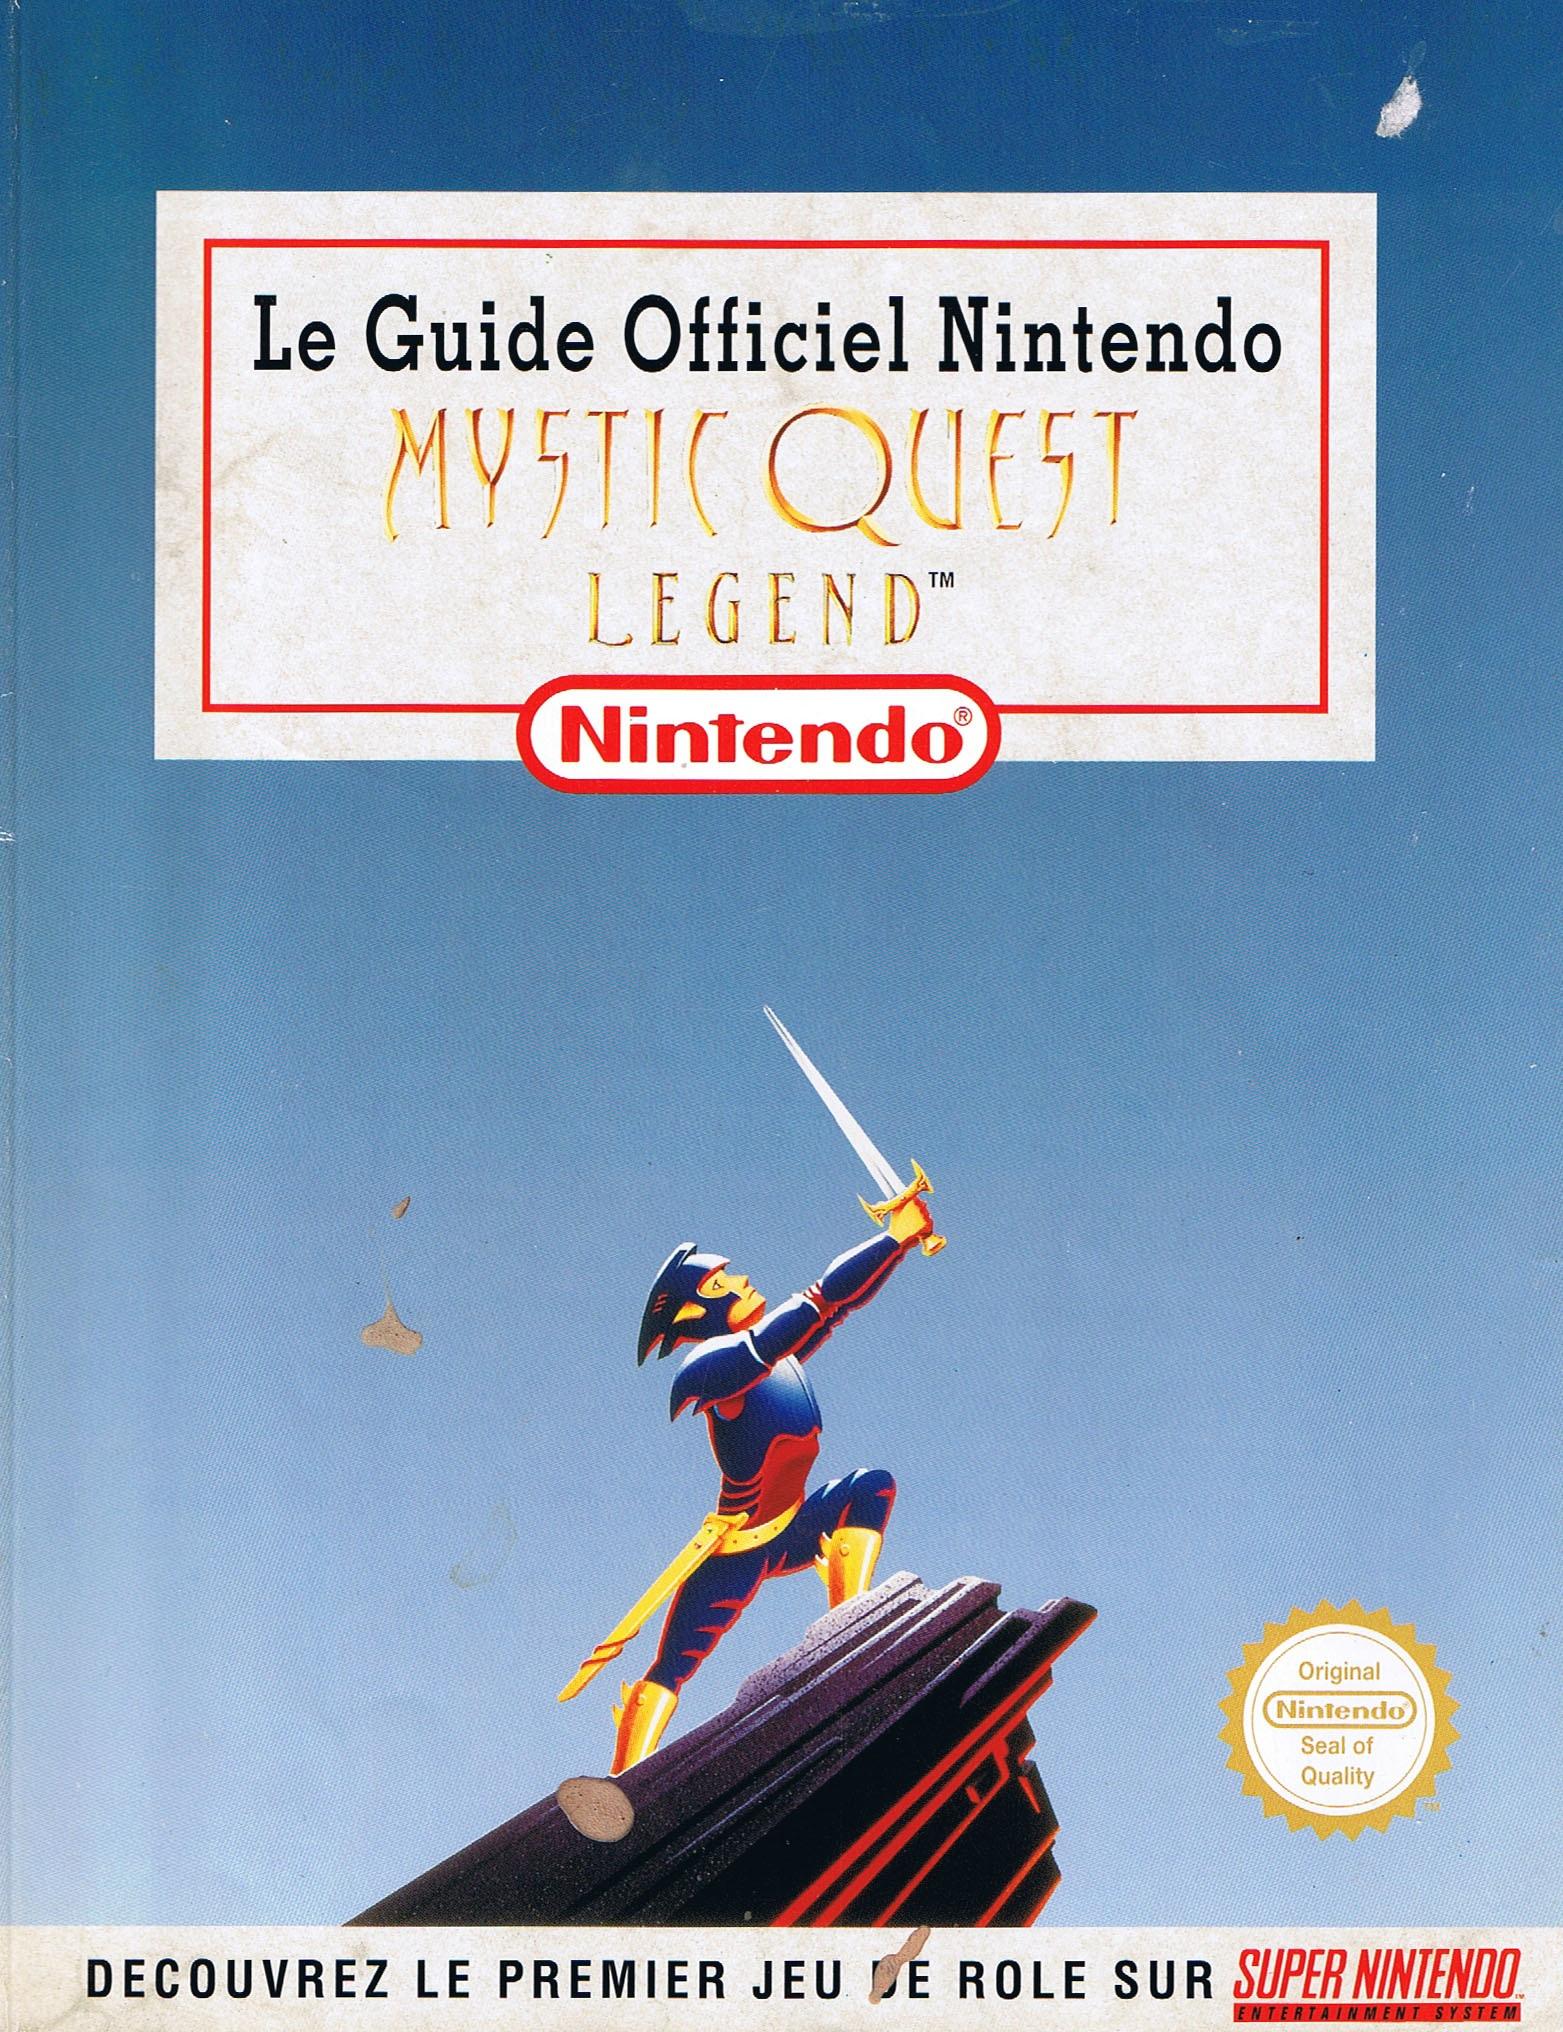 Le Guide Officiel Nintendo Mystic Quest Legend